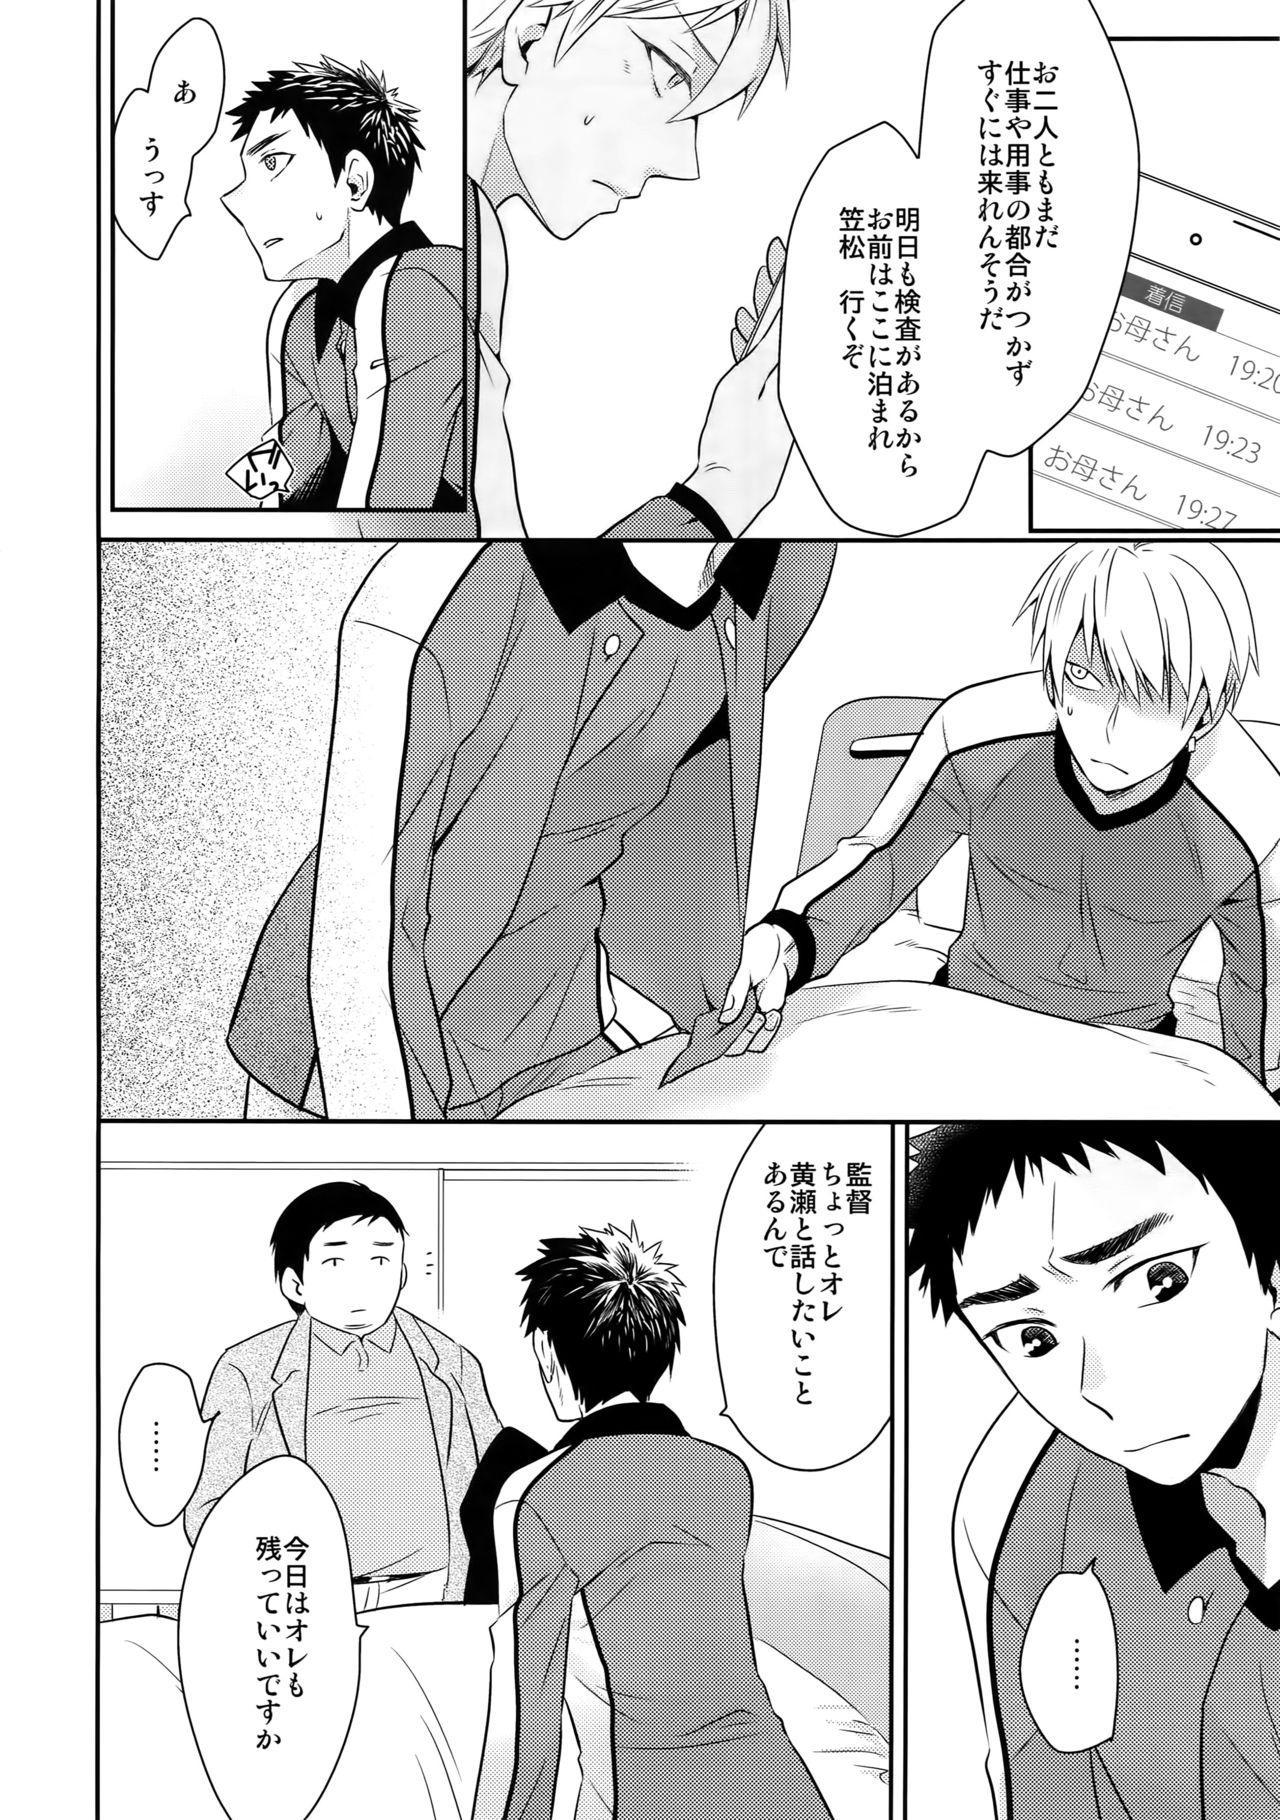 [Bakuchi Jinsei SP (Satsuki Fumi)] Kanpeki Kareshi to Zettai Ryouiki Ouji-sama - Another Version - (Kuroko no Basket) 128